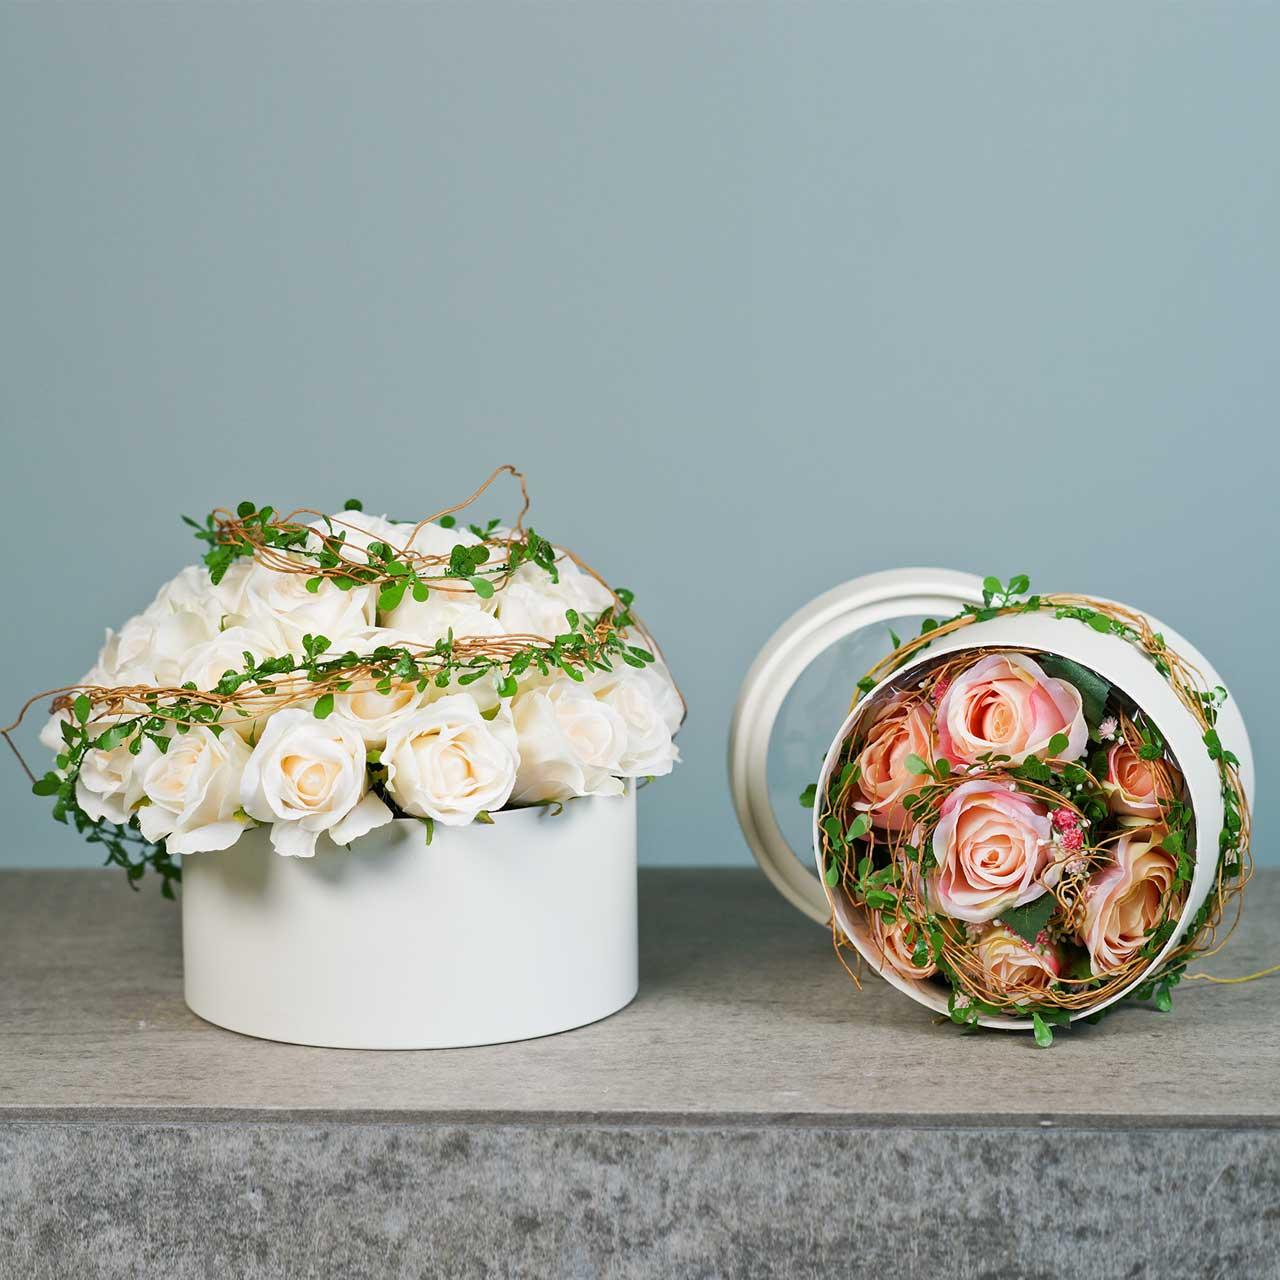 Flower box round cardboard cream Ø15.5 / 19cm set of 2